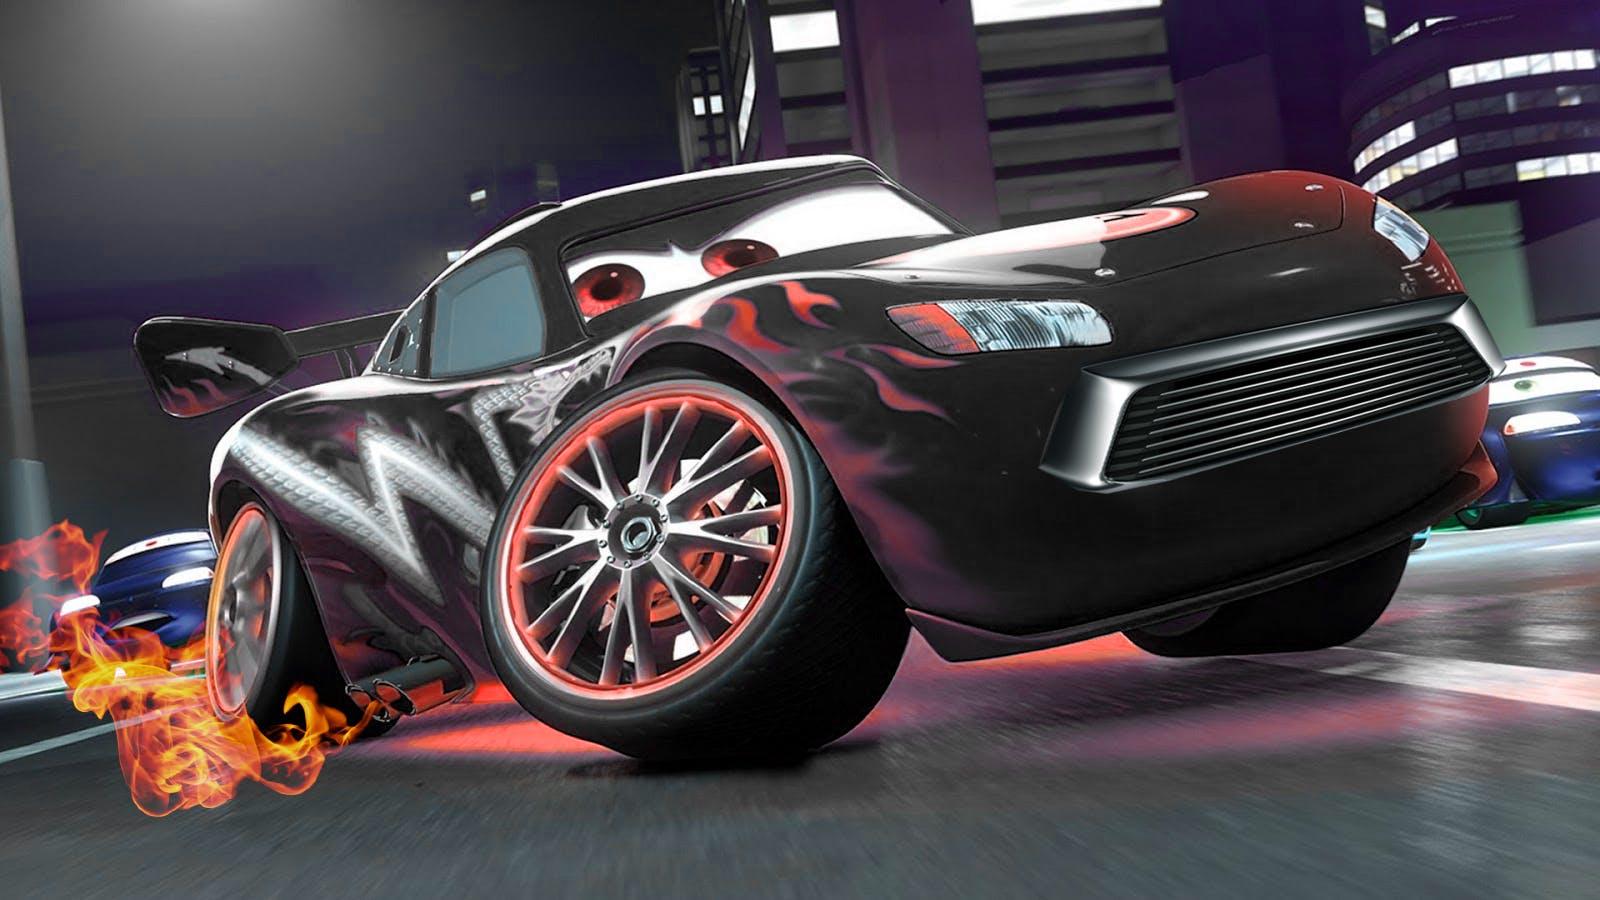 Evil Lightning McQueen